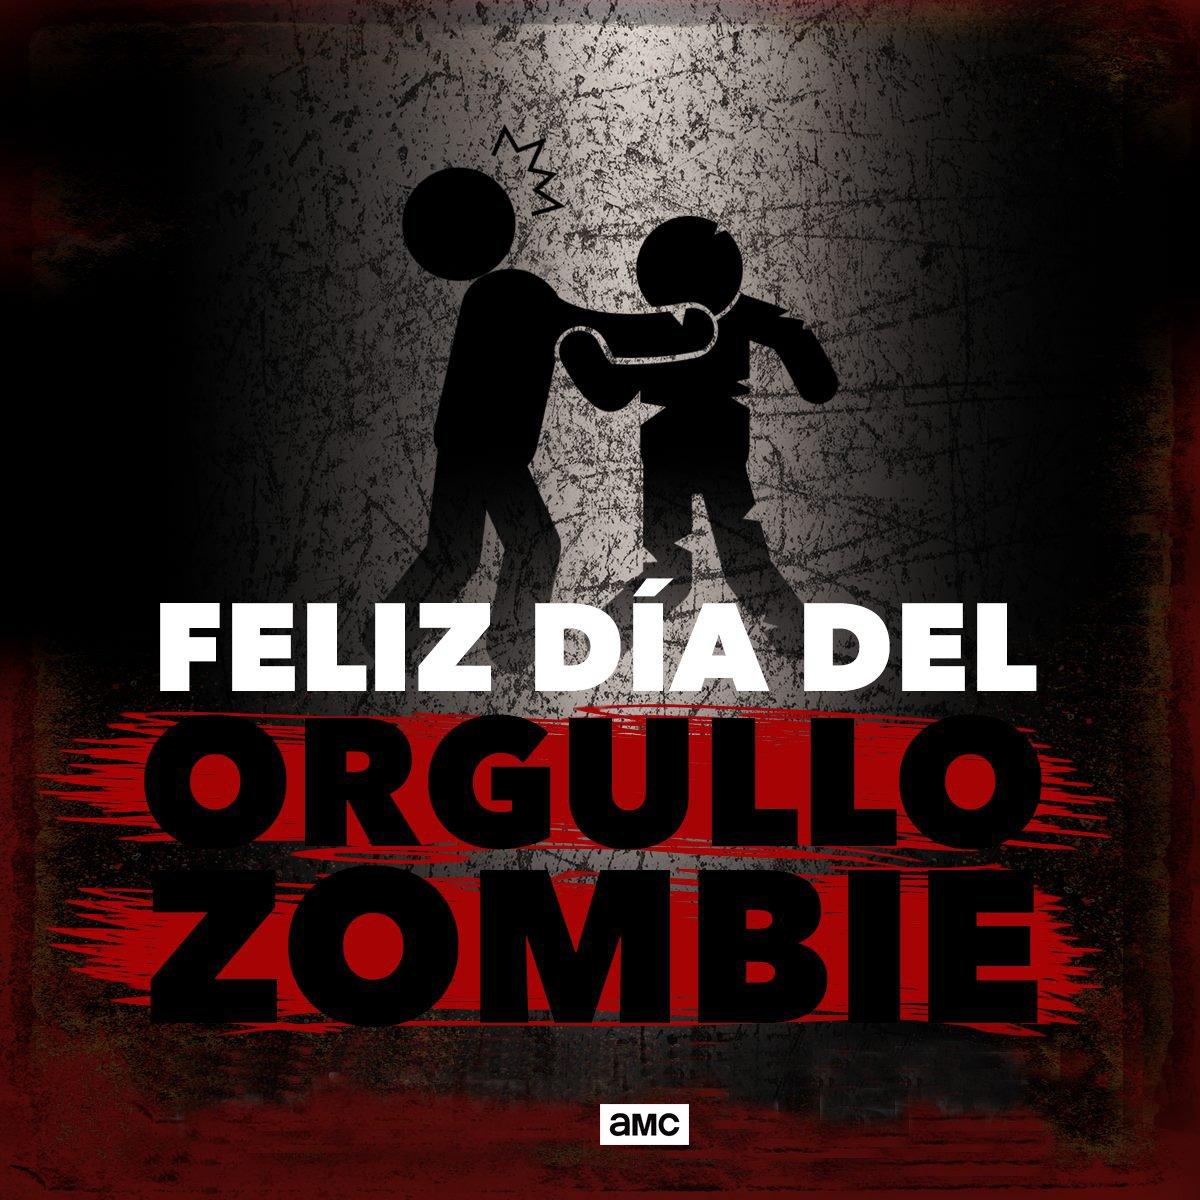 ¡Feliz día del orgullo zombie!  #Orgullozombie